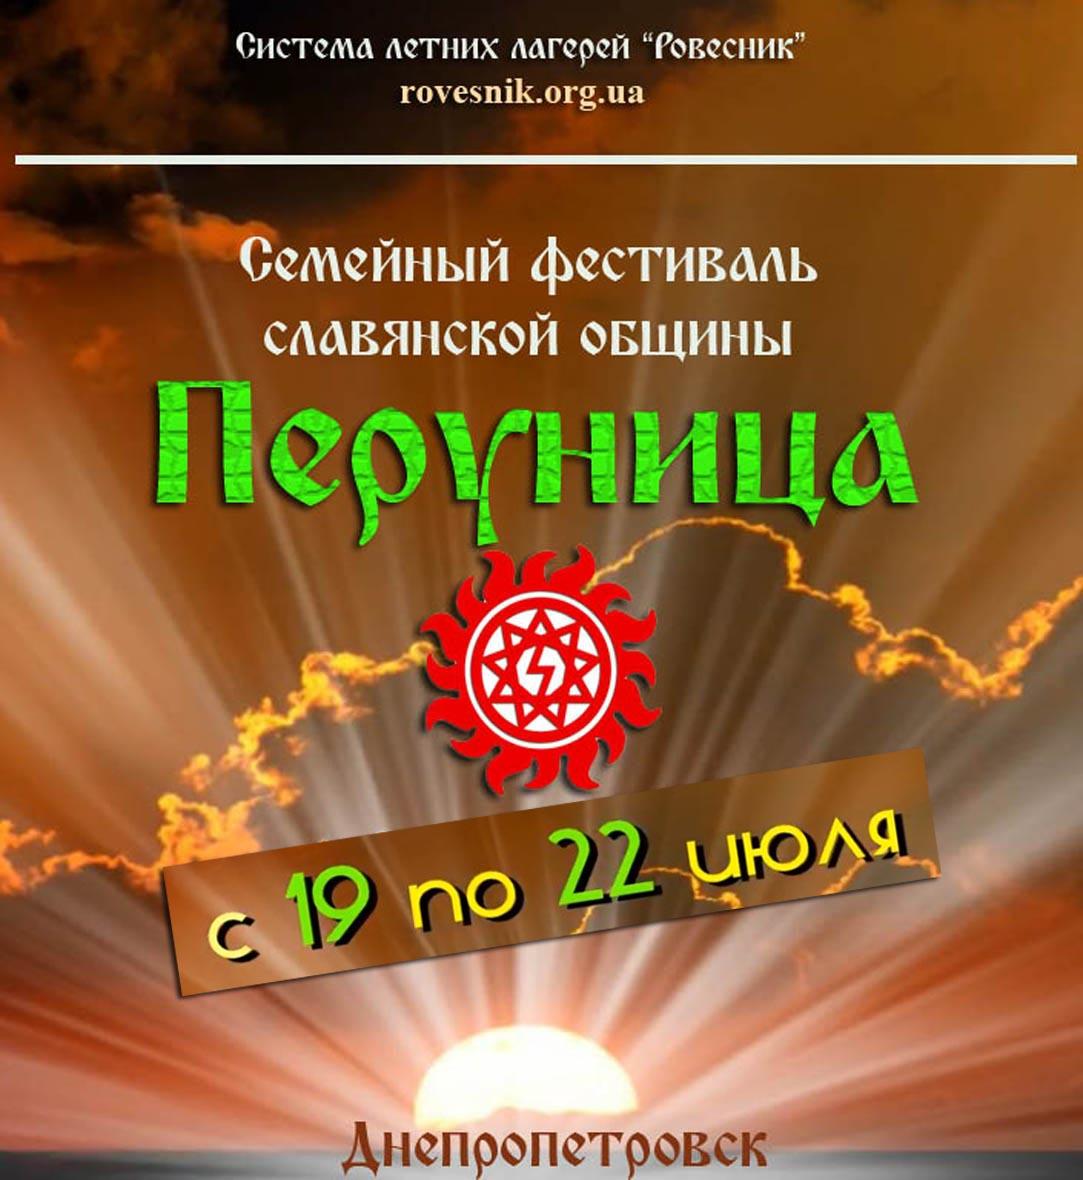 Приглашаем на Перуницу с 19 по 22 июля